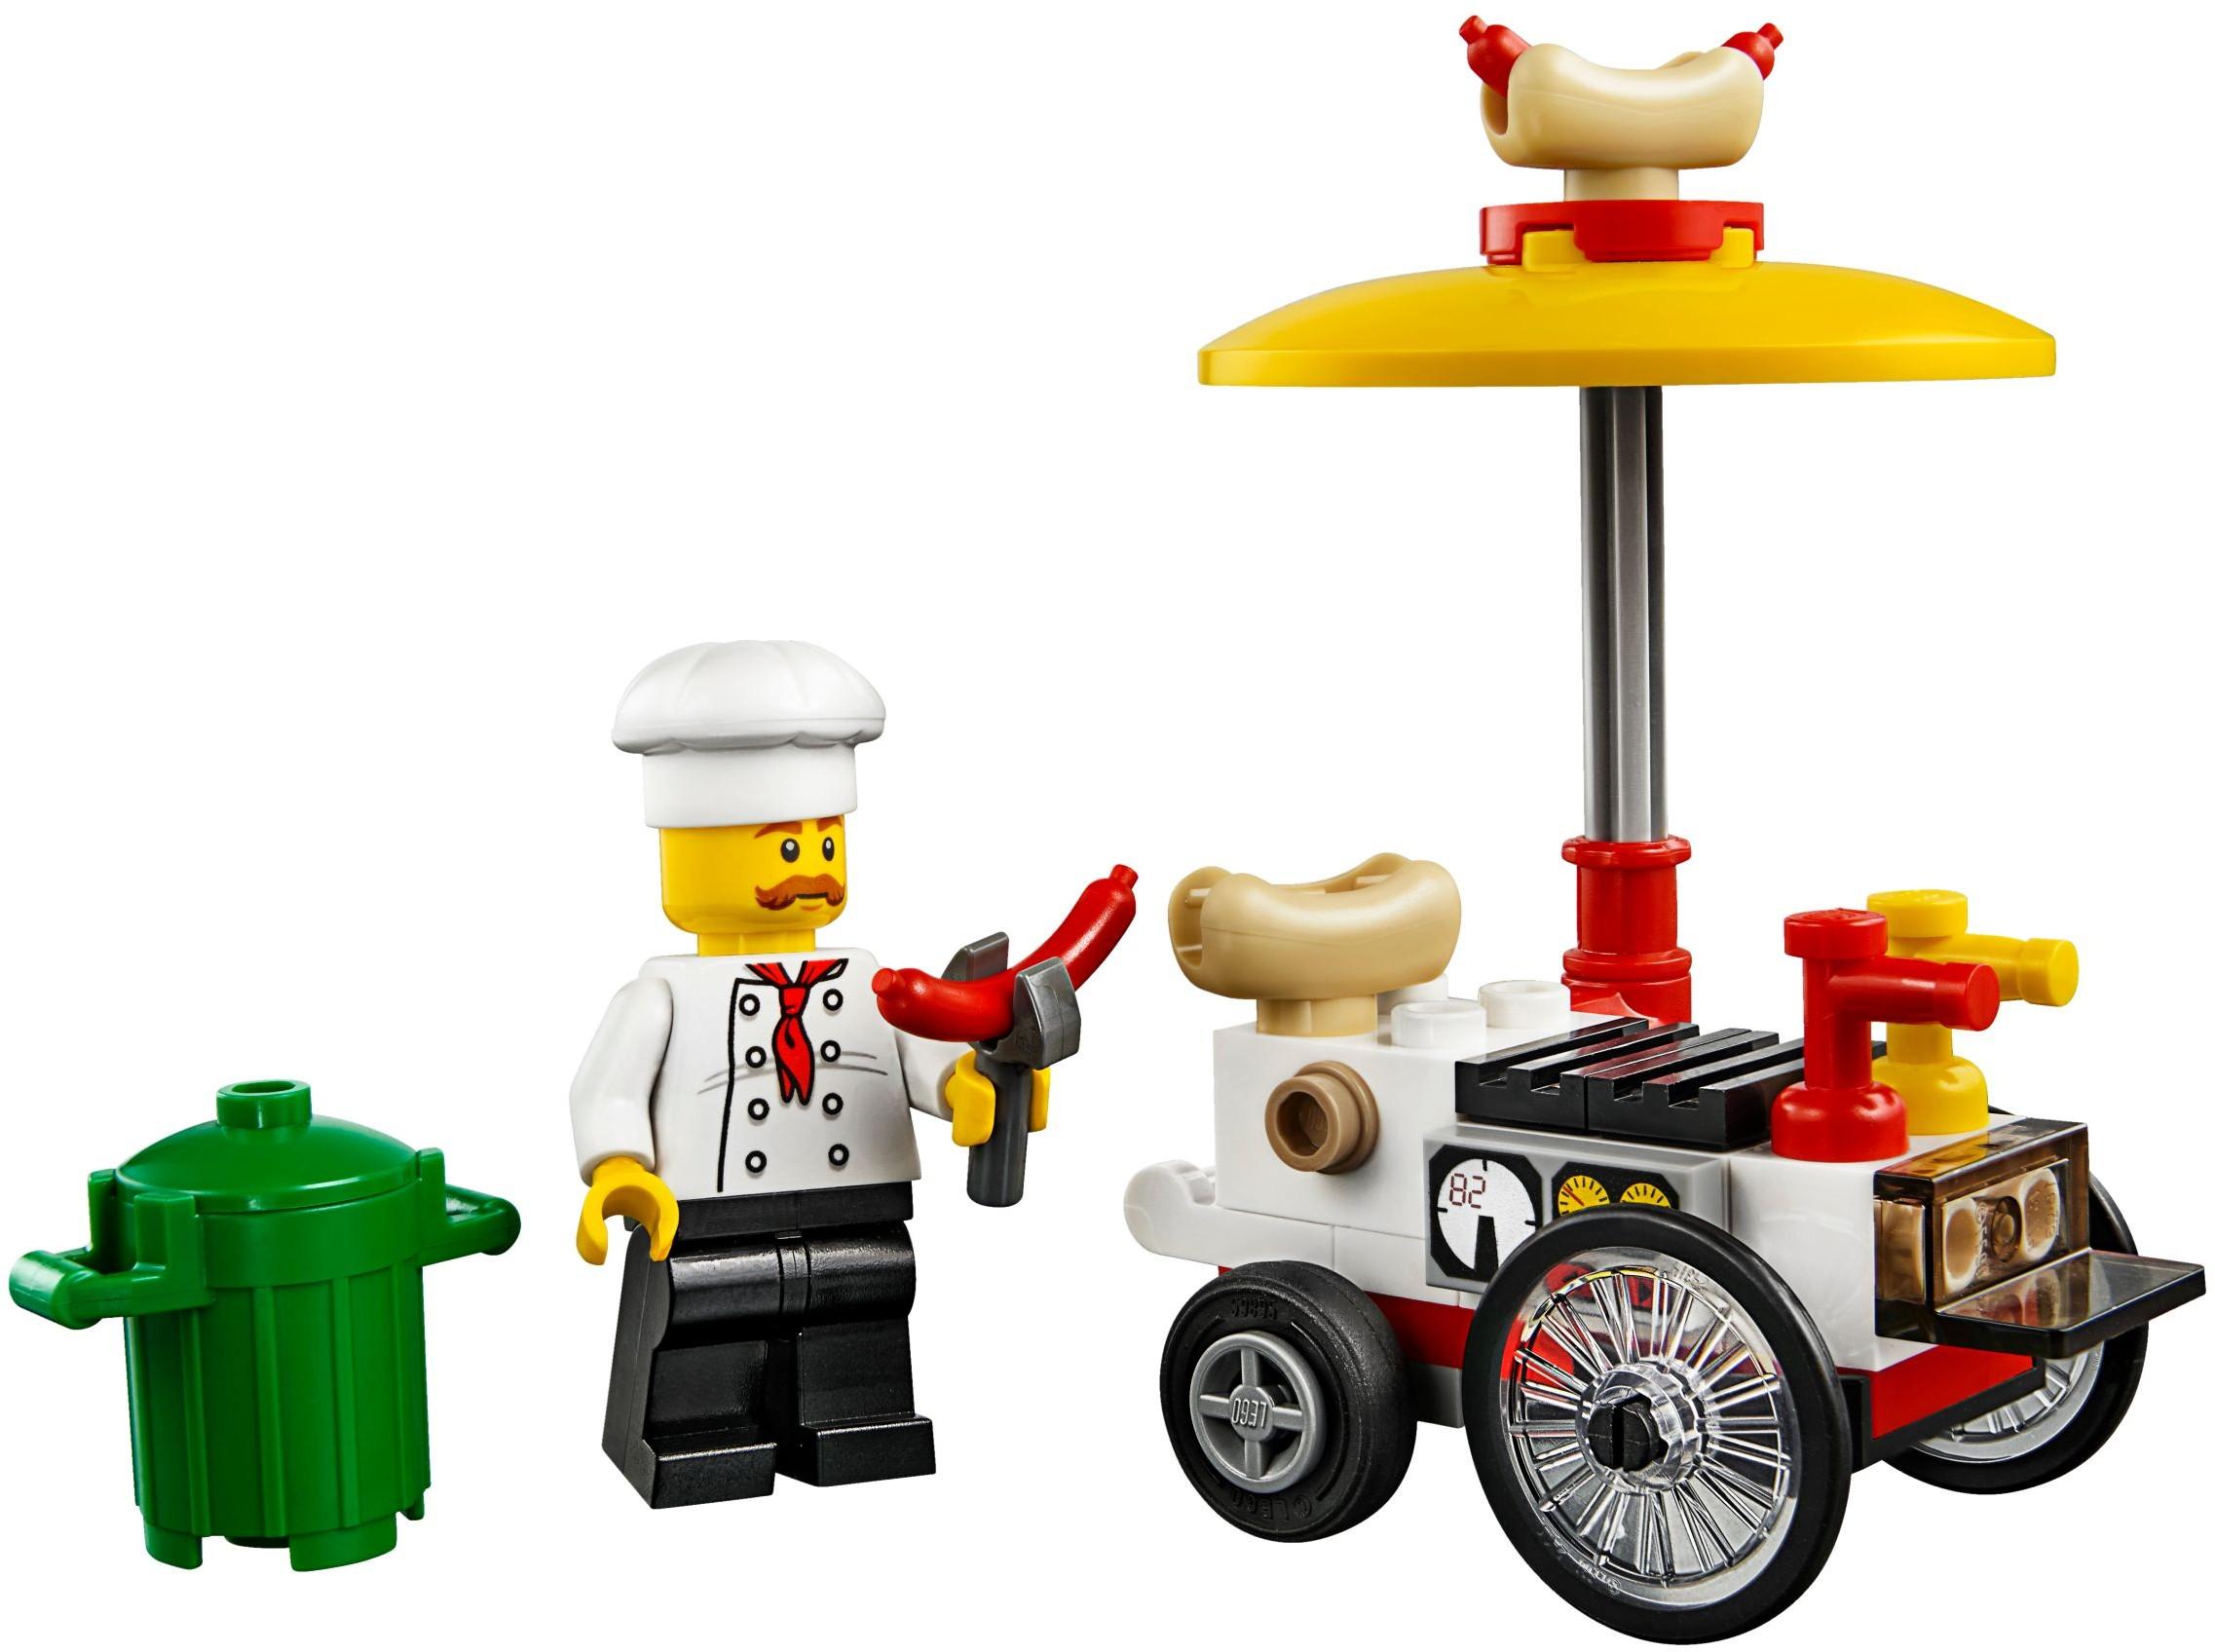 Tagged \'Hotdog\' | Brickset: LEGO set guide and database